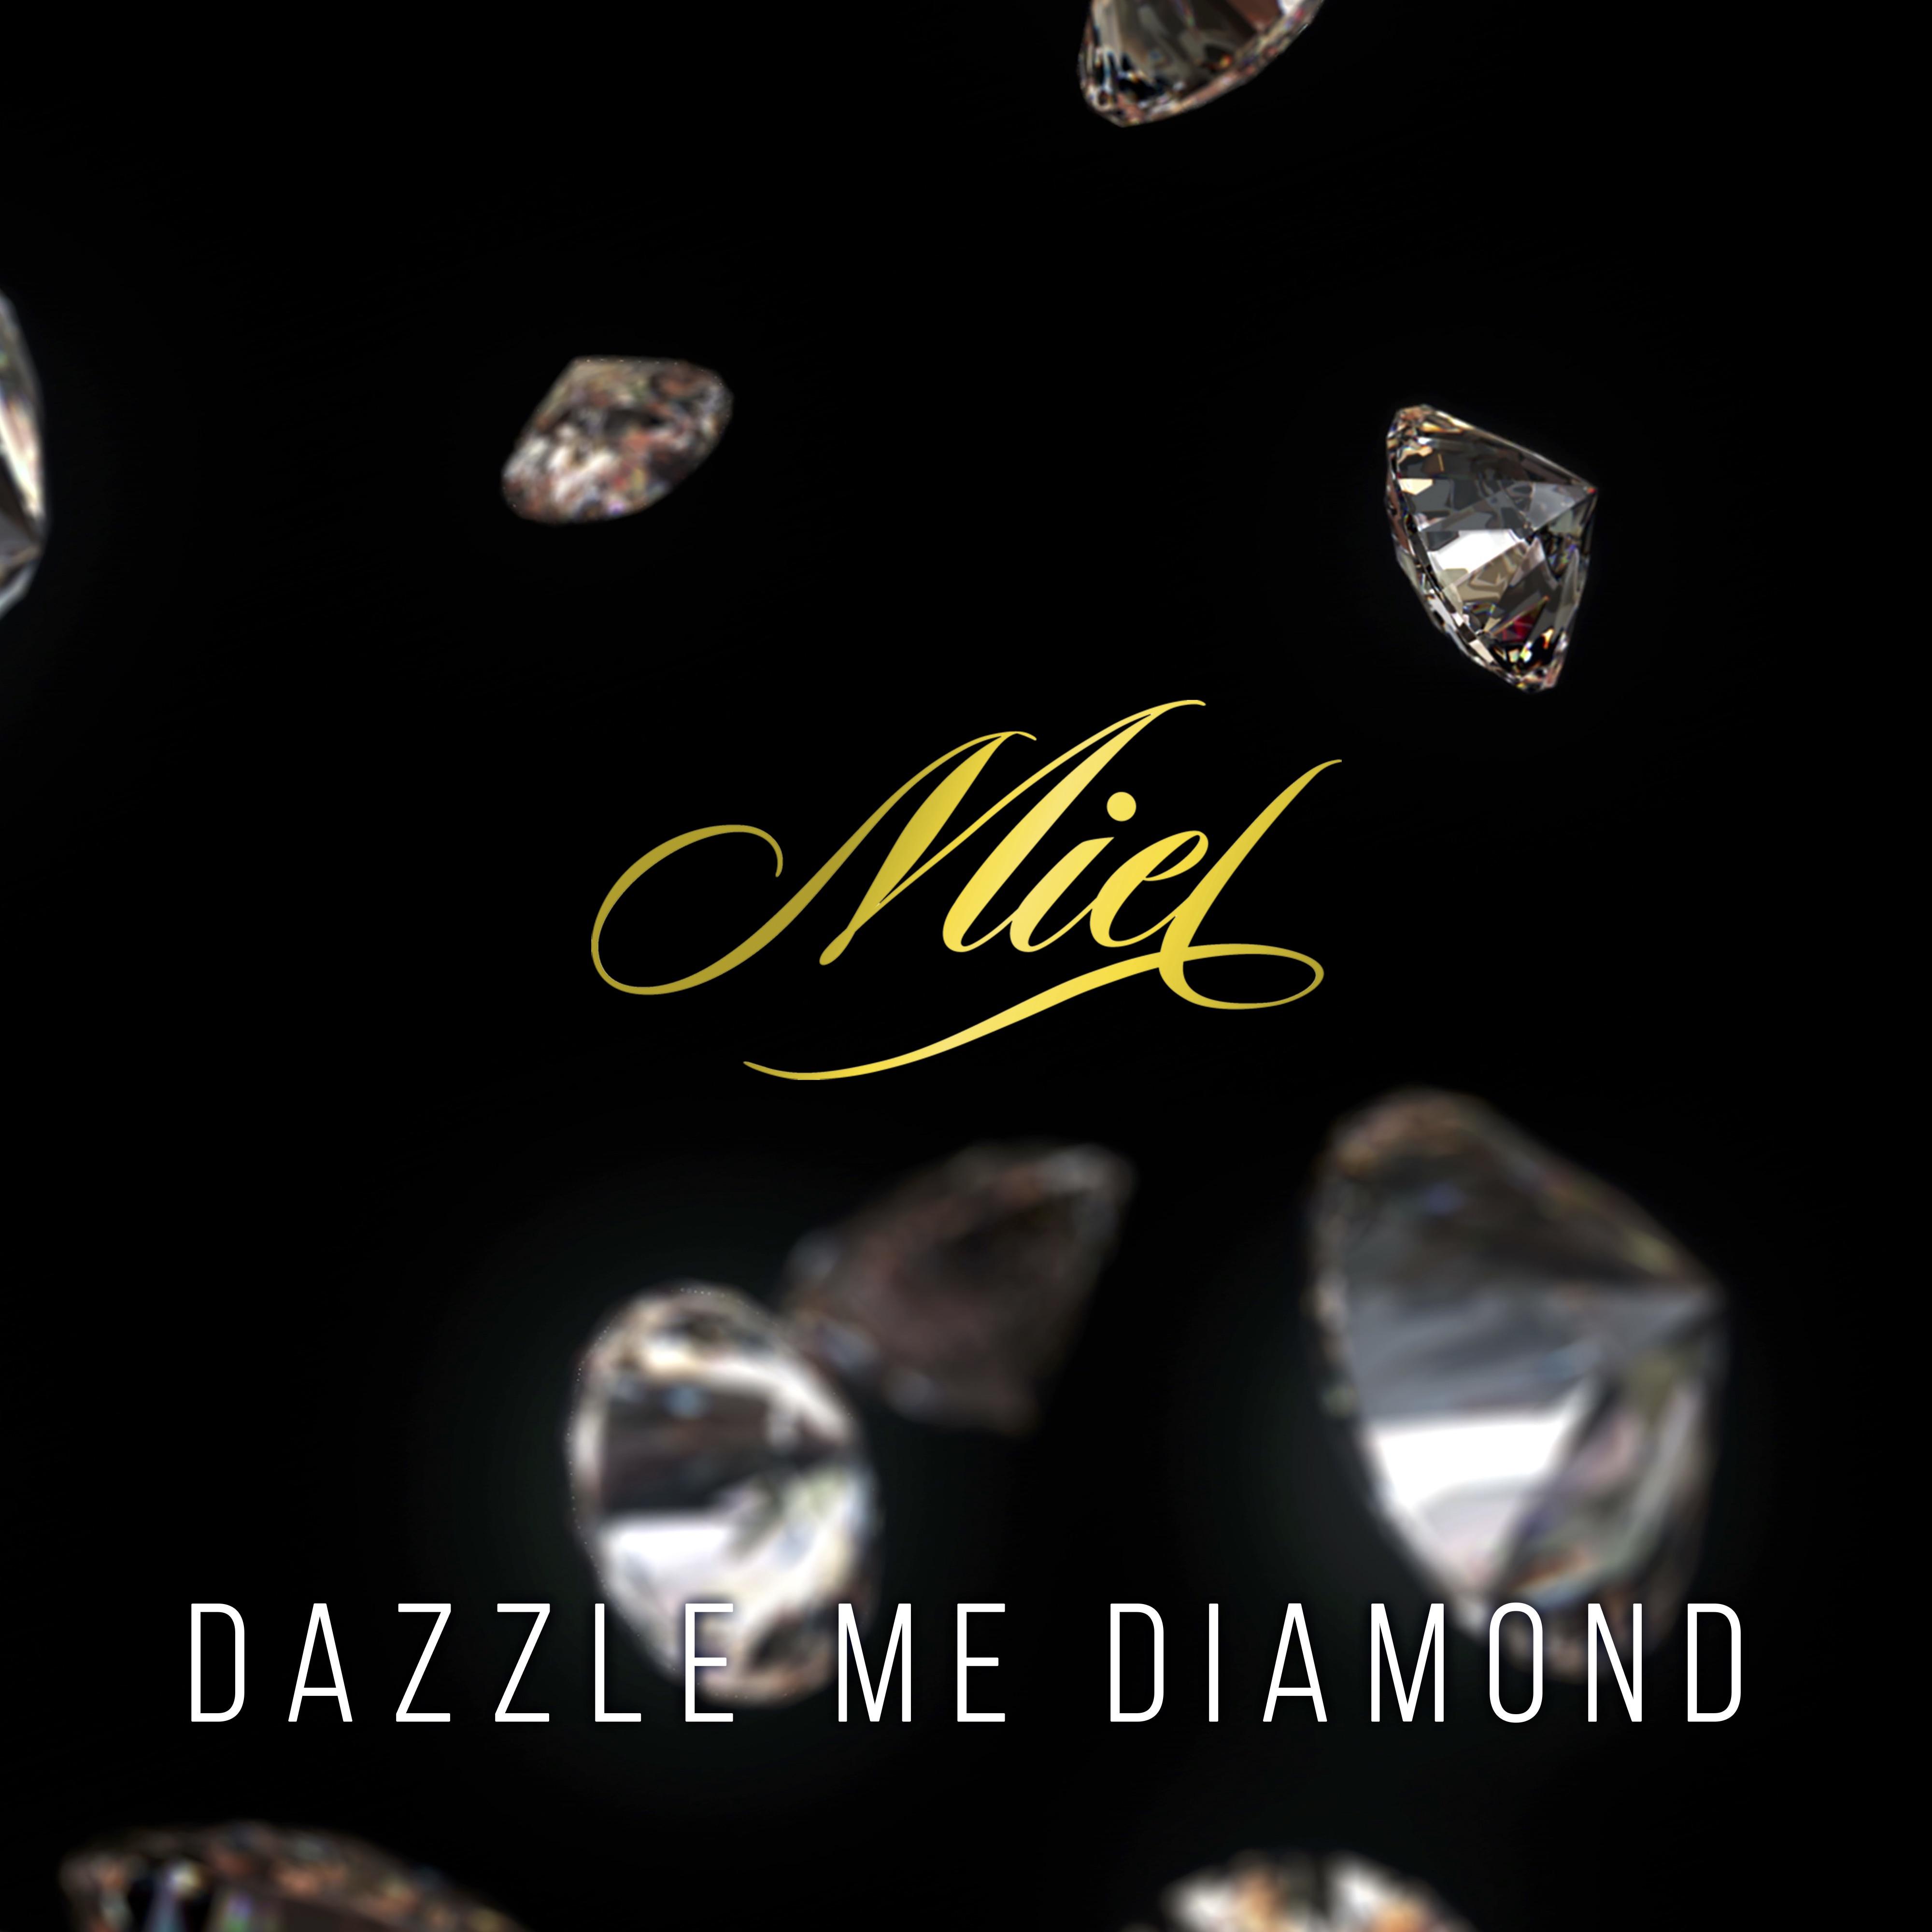 Dazzle Me Diamond